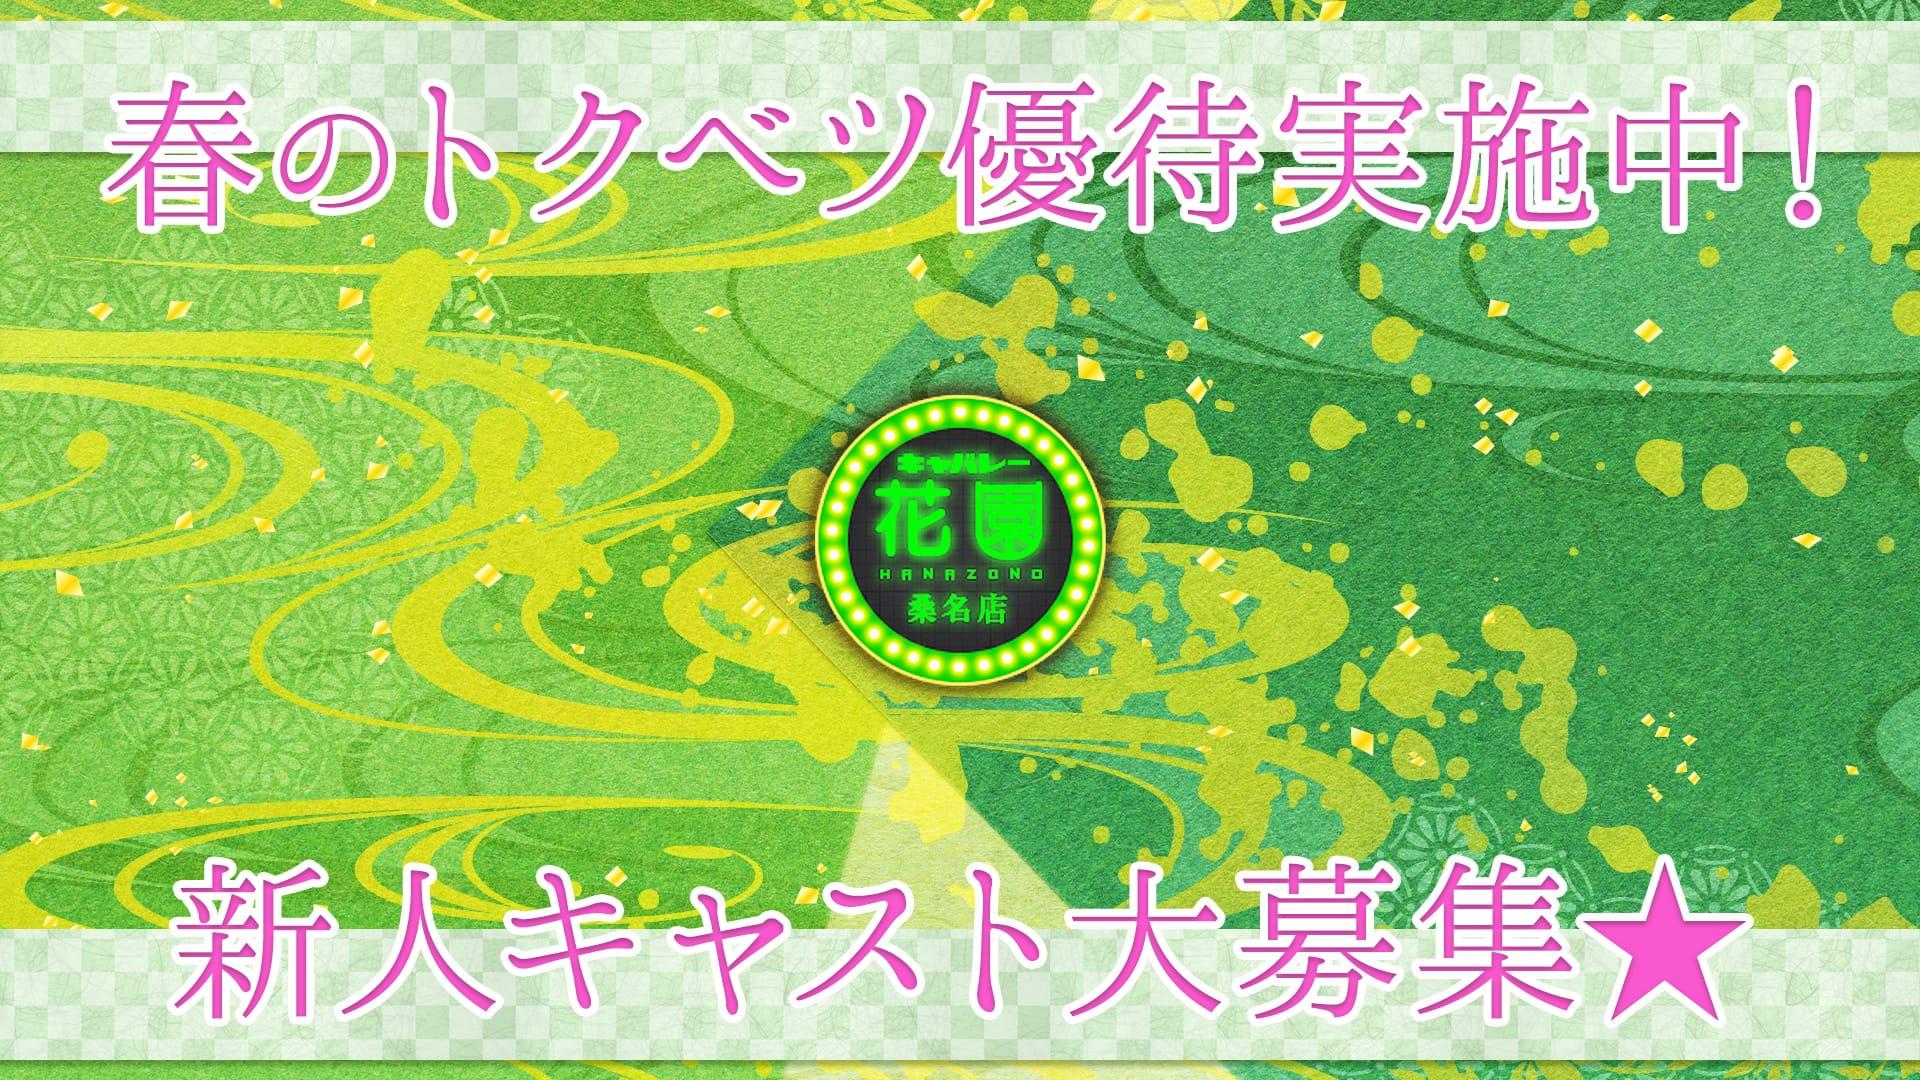 キャバレー花園 桑名店 桑名キャバクラ TOP画像